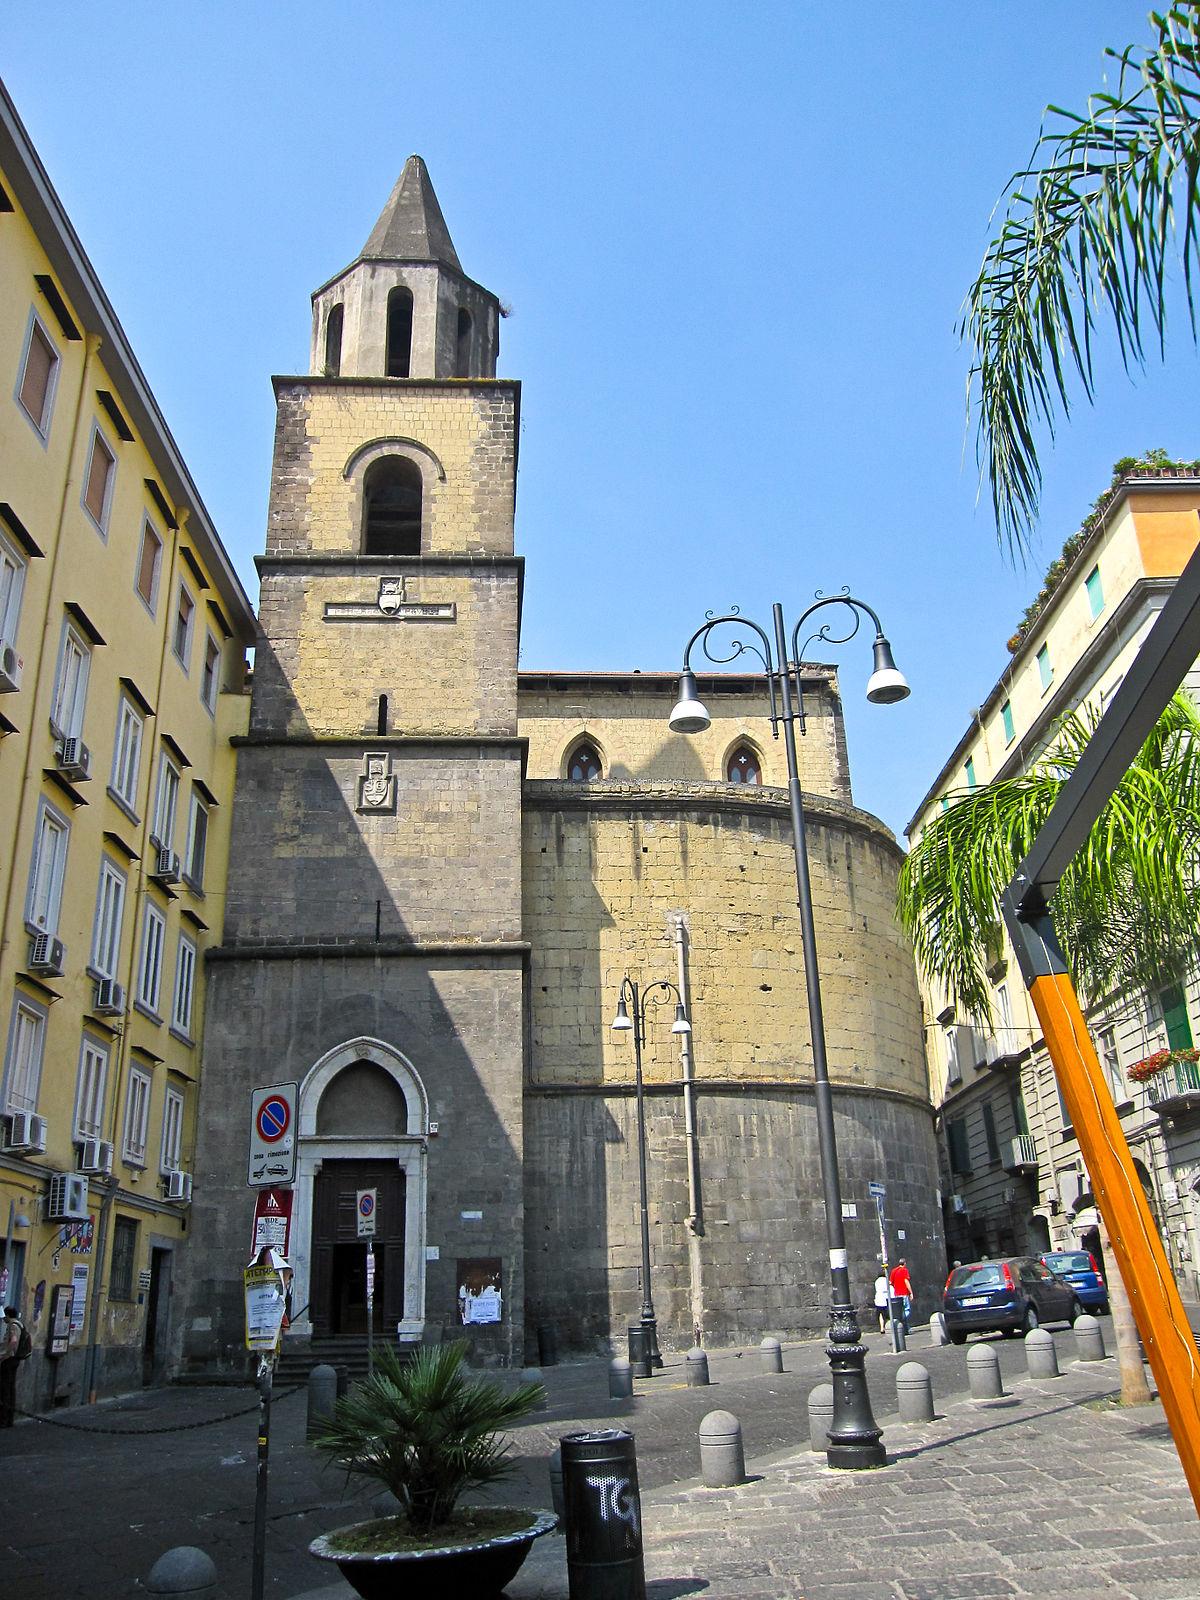 chiesa di san pietro a majella - wikipedia - Soggiorno Di Giotto A Napoli 2